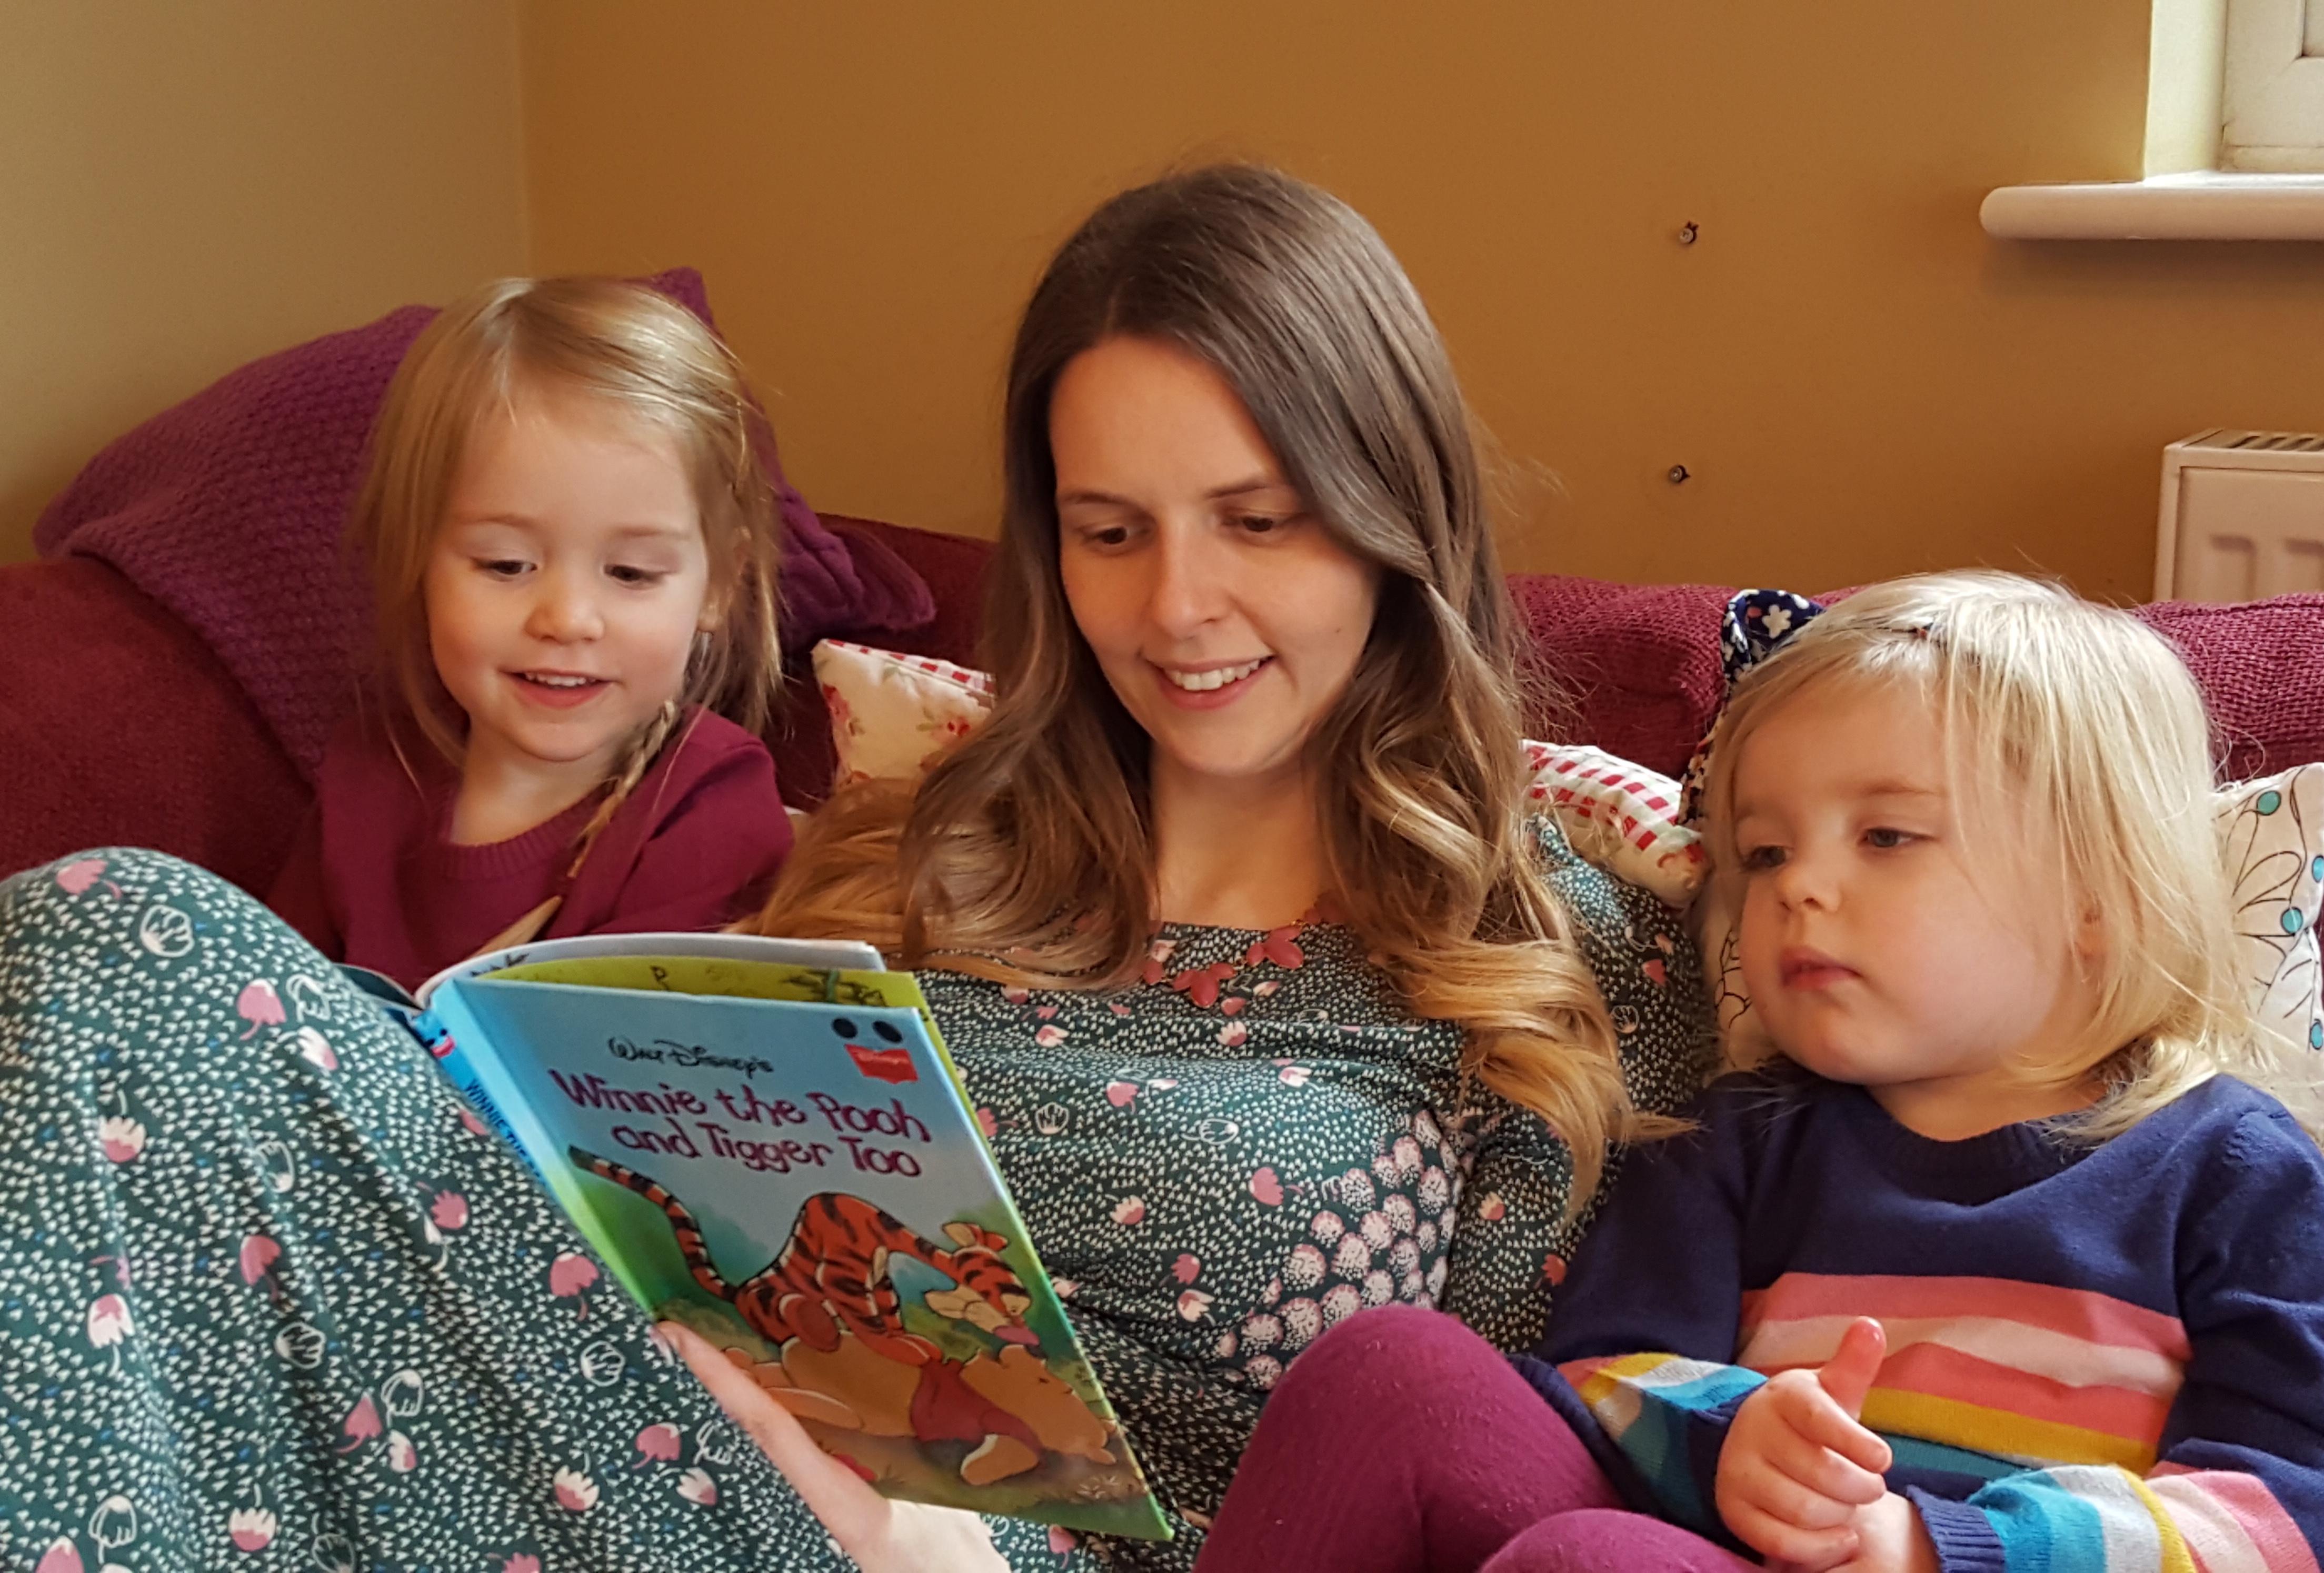 Winnie the Pooh day - Preschool ideas